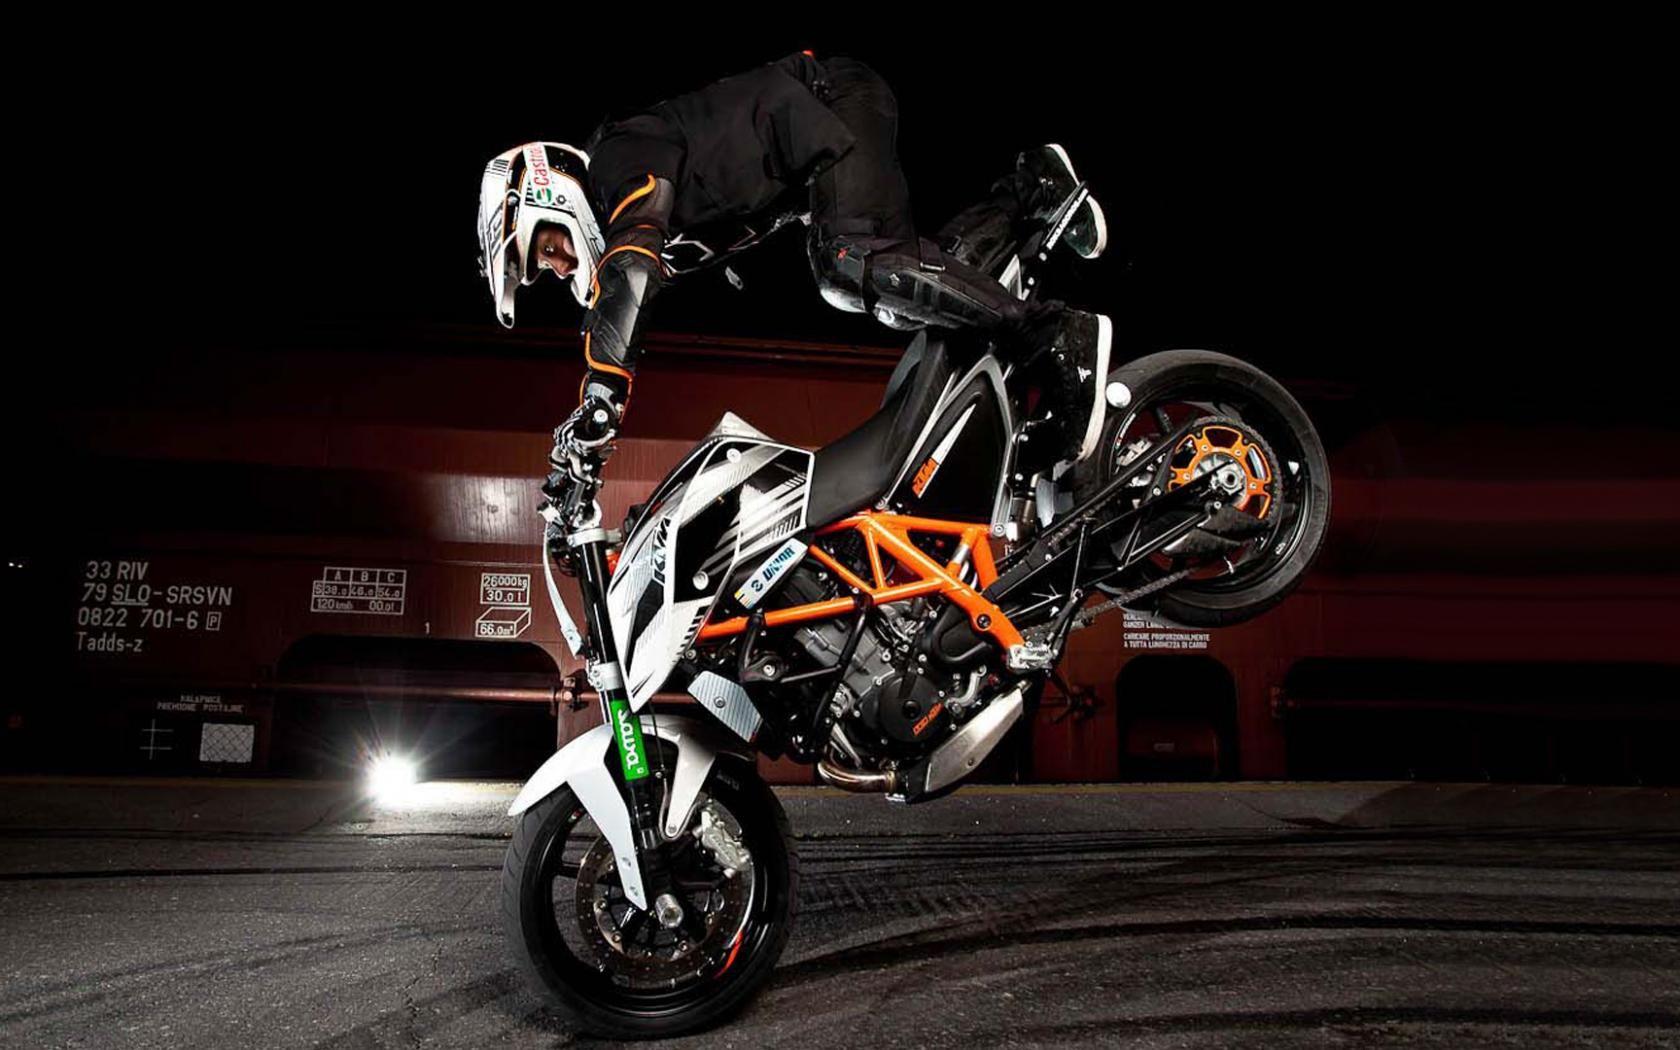 Bike Drift Http Motorbikesgallery Com Motorrad Ktm 125 Motorrad